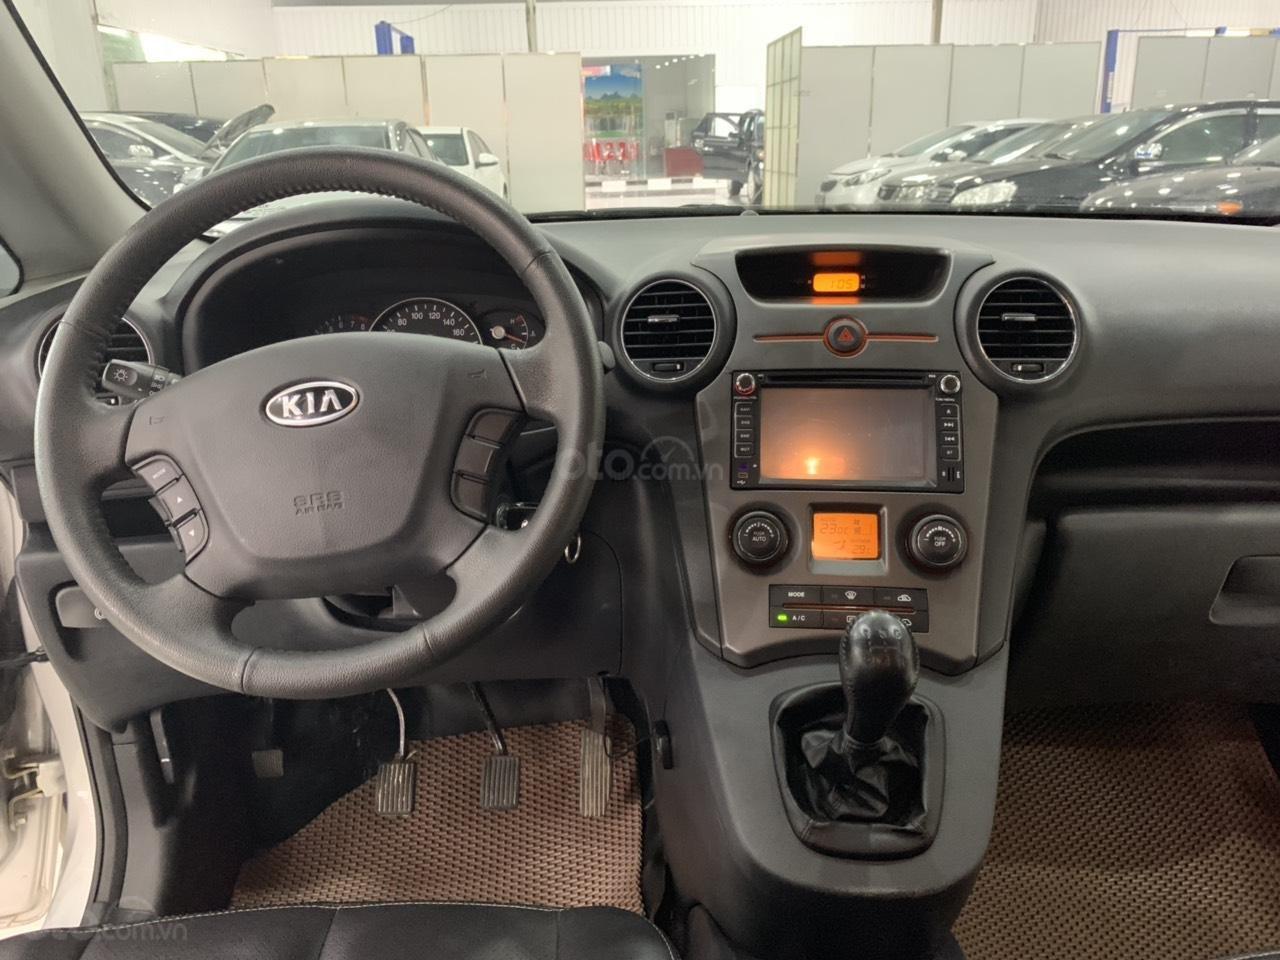 Bán ô tô Kia Carens MT năm sản xuất 2015, màu bạc, giá chỉ 420 triệu (4)